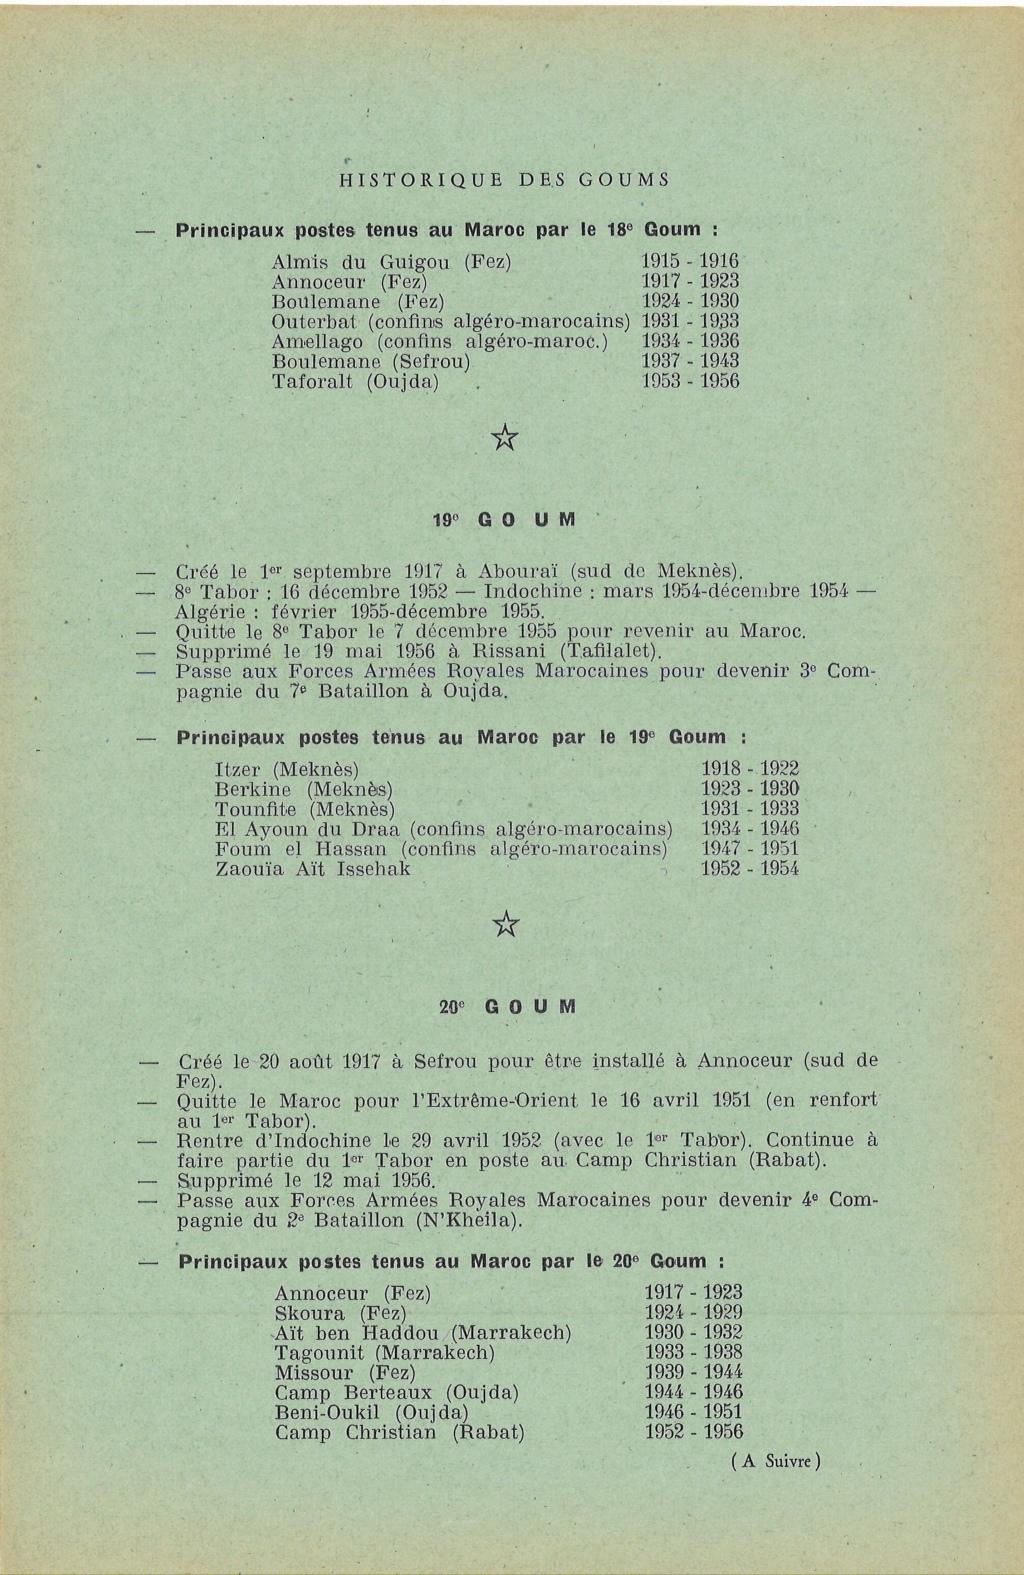 12 mai 1956 - Dissolution des Goumiers & integration aux FAR La_kou17